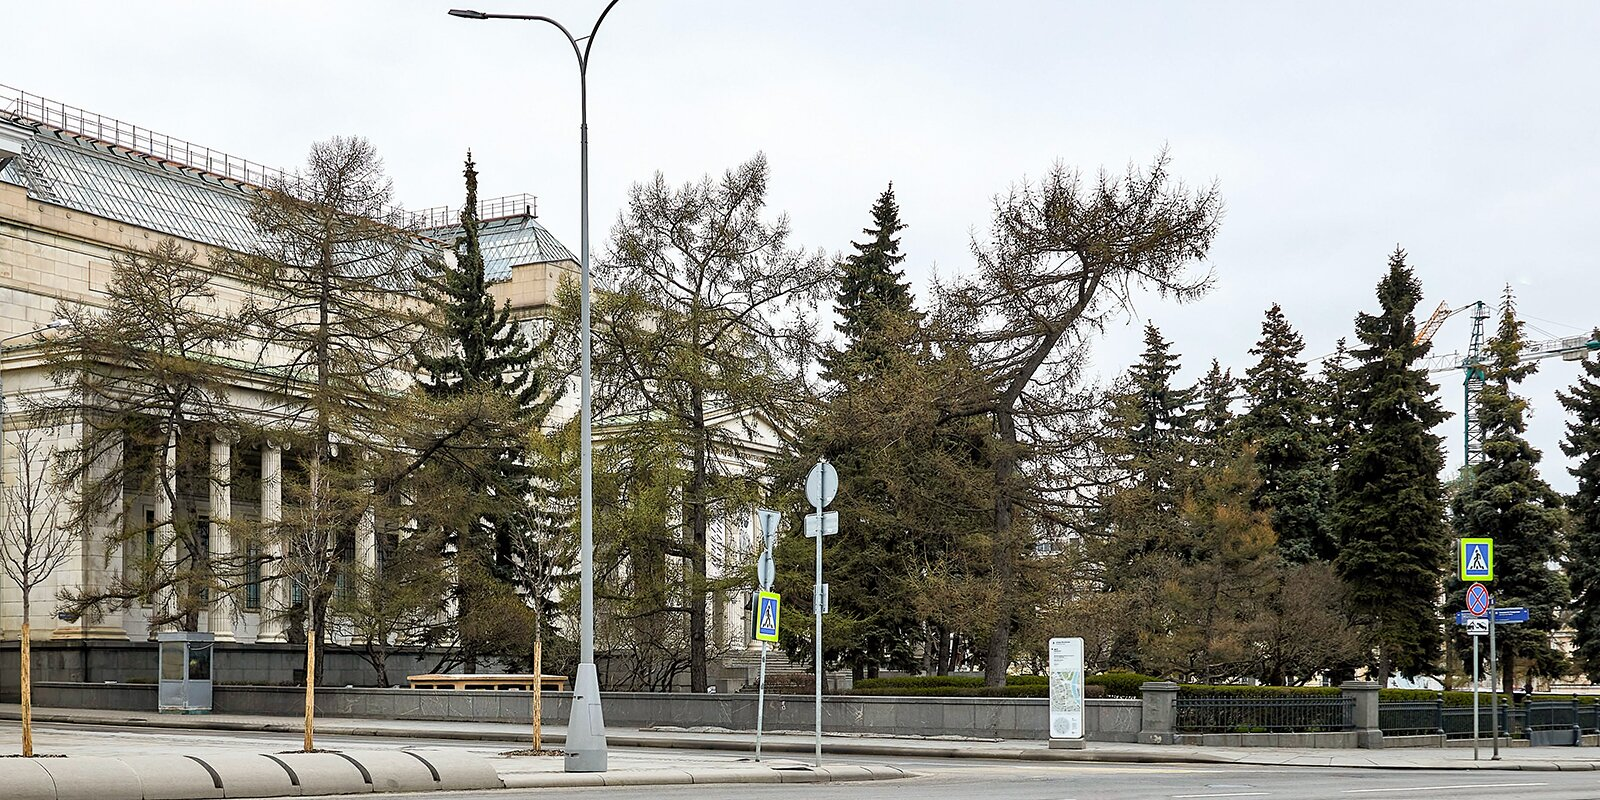 Сергей Собянин предложил москвичам рассказать о памятниках и монументах столицы в годы войны